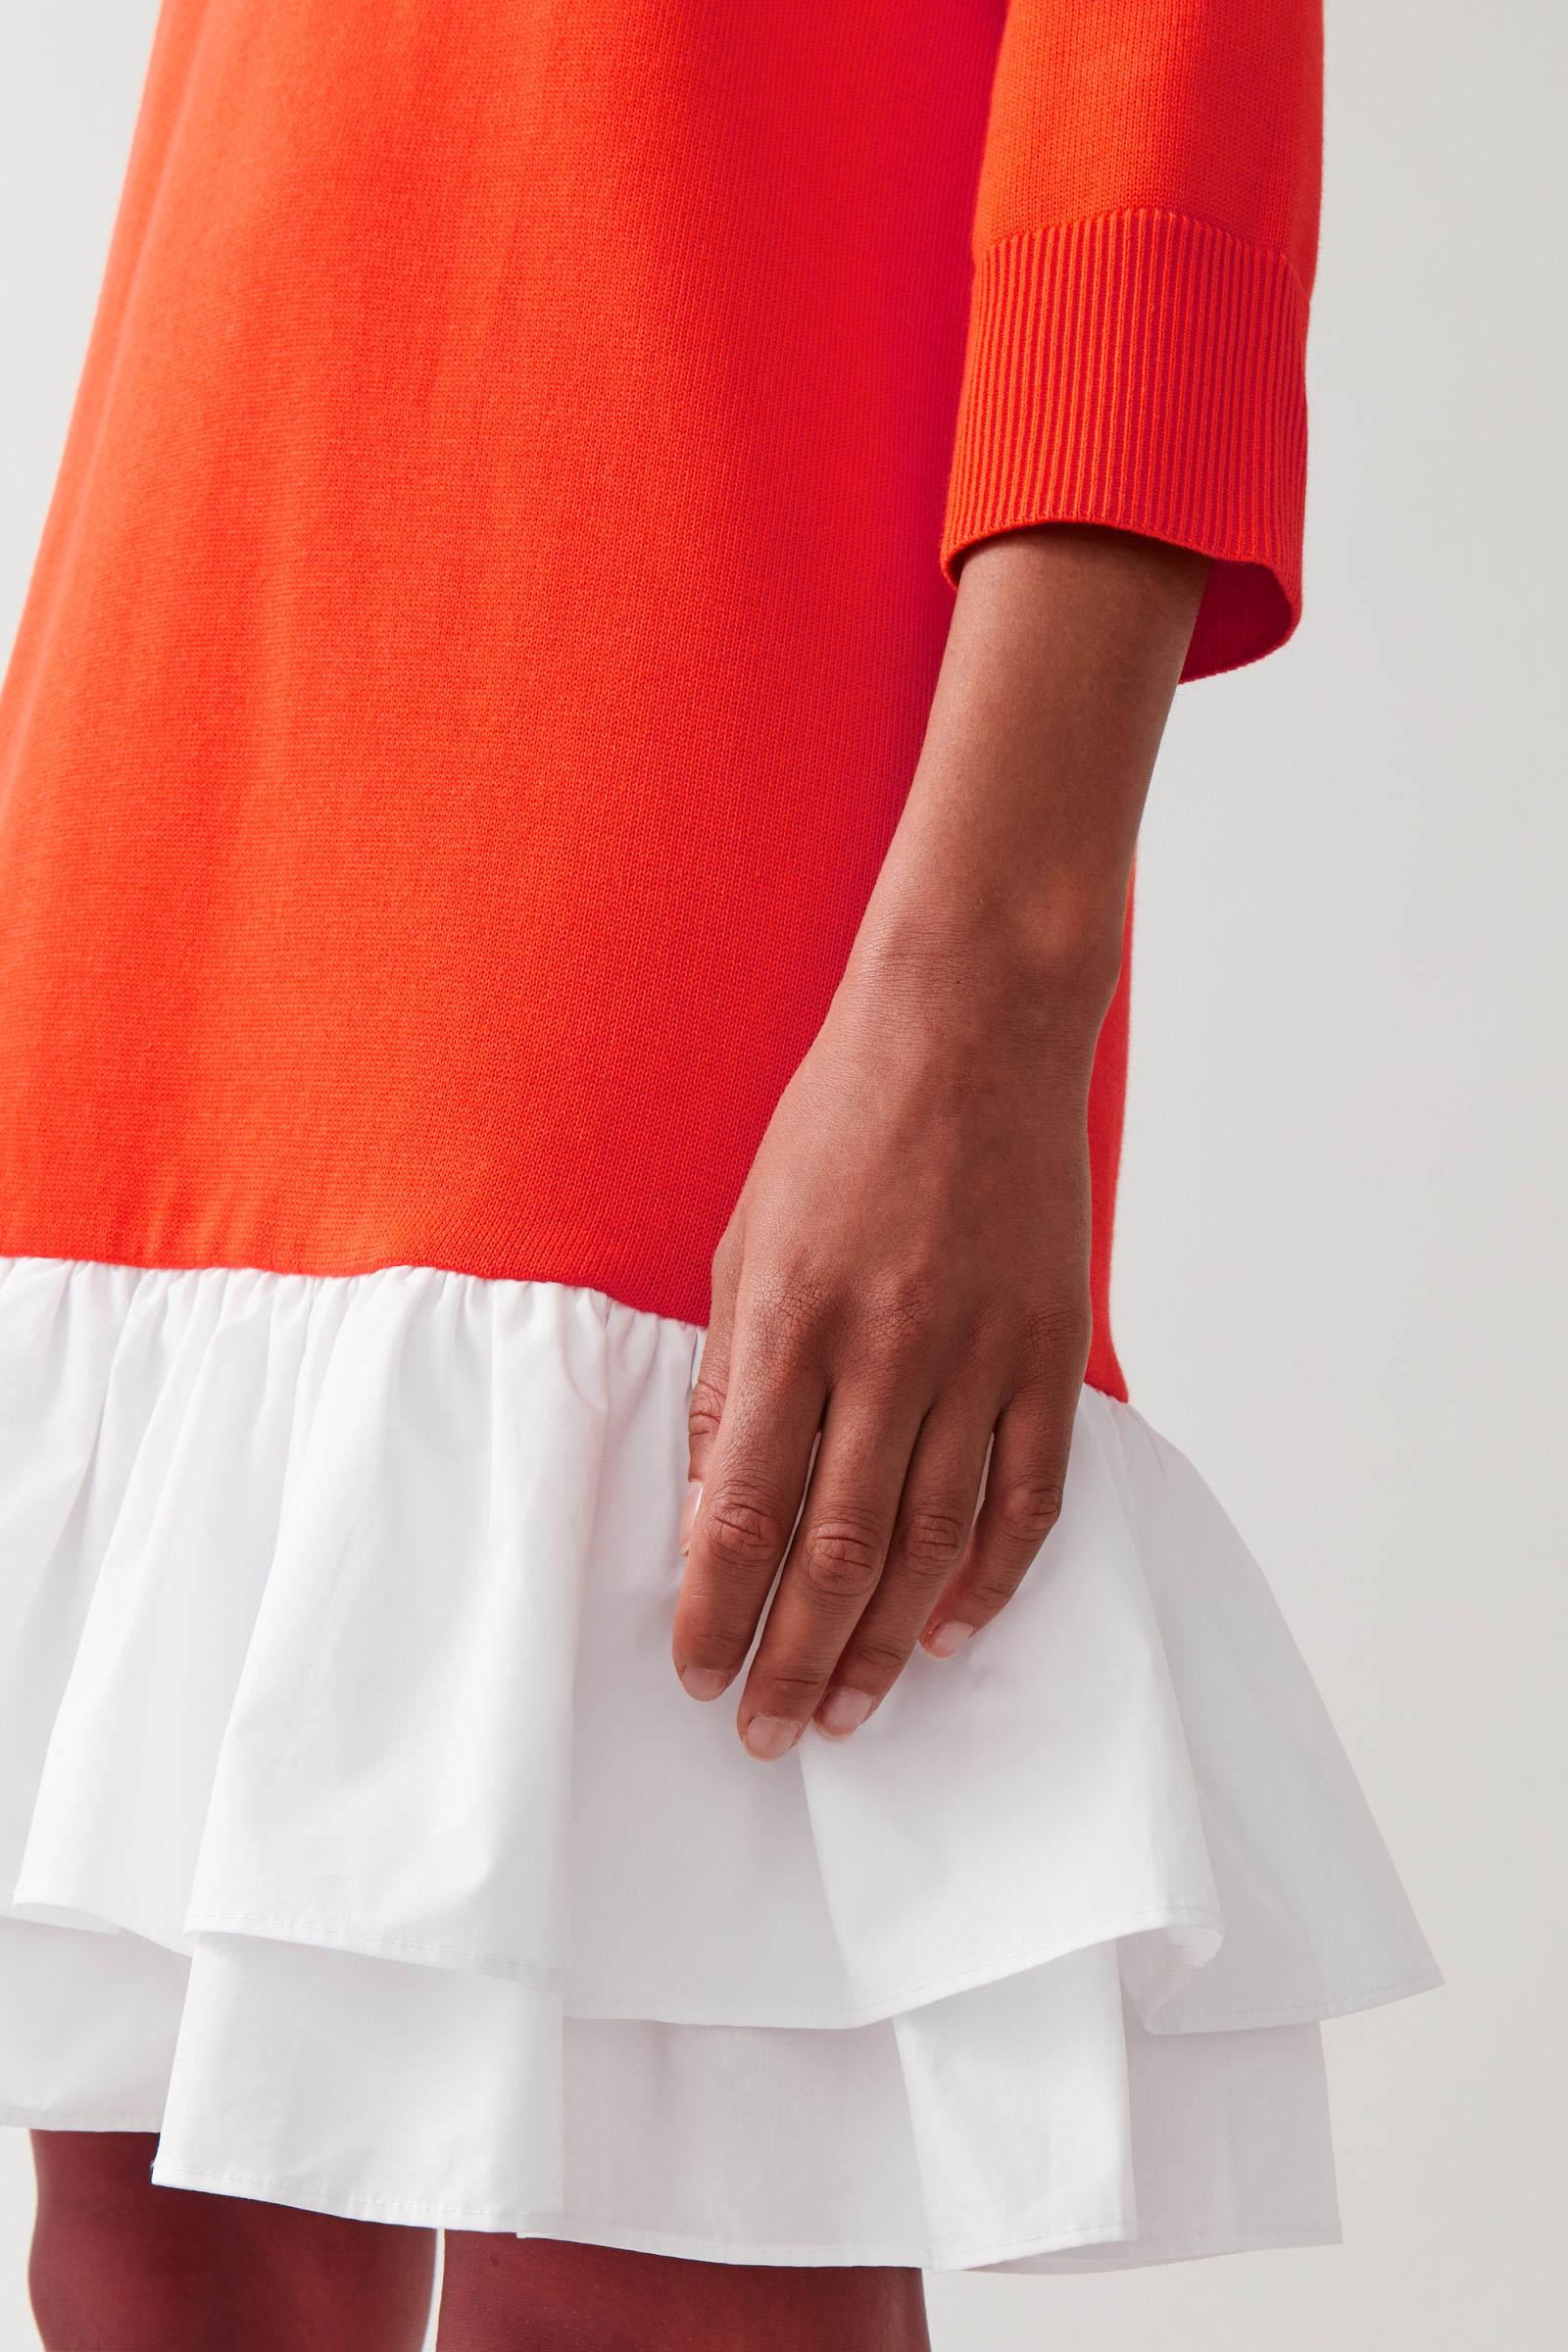 COS 우븐 플리츠 니티드 드레스의 파이어 오렌지, 화이트컬러 ECOMLook입니다.